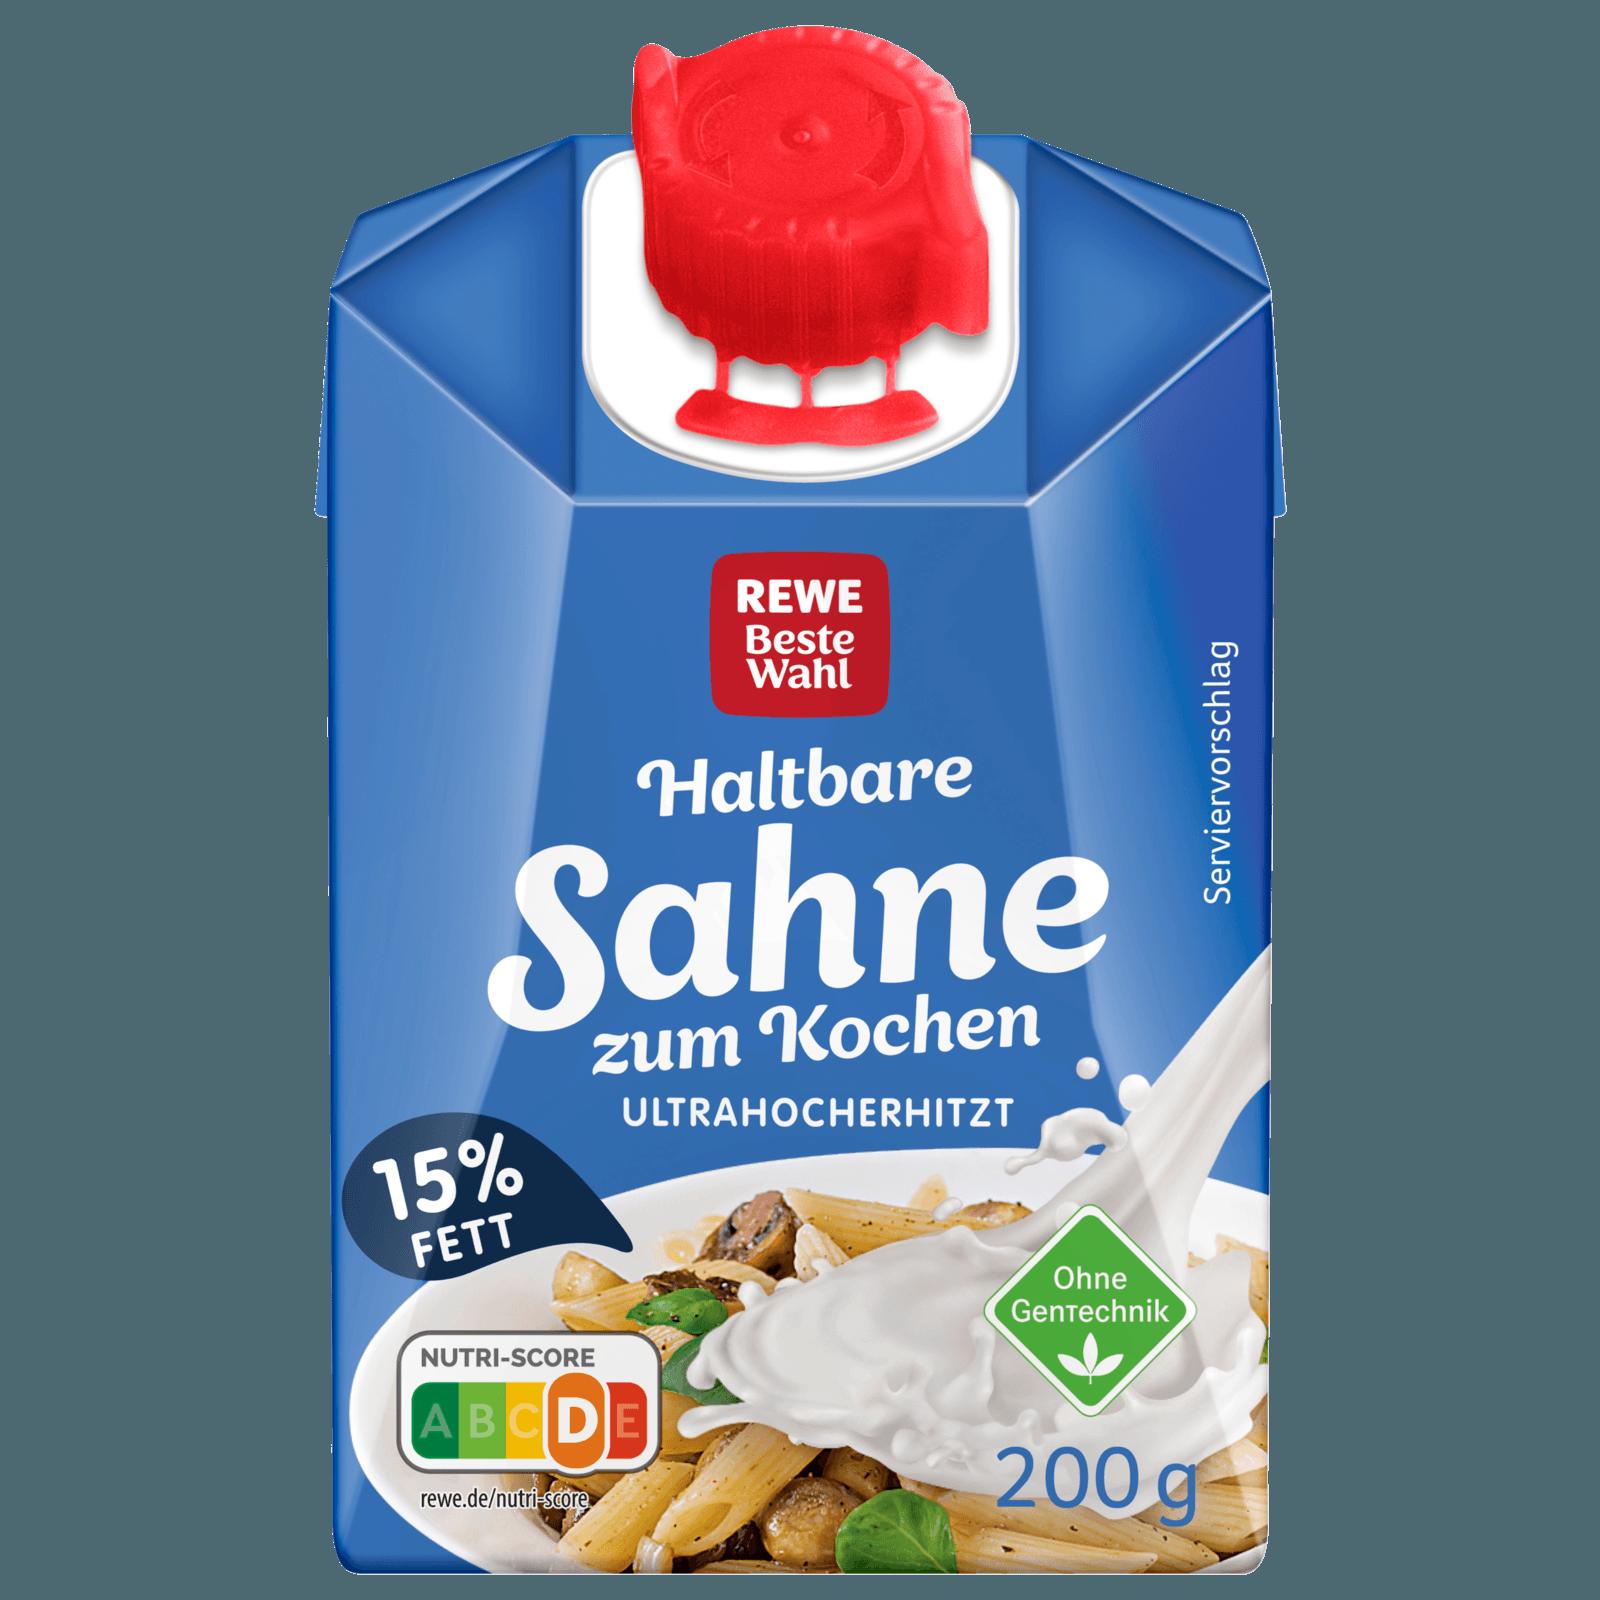 Rewe Beste Wahl H Sahne Zum Kochen 15 200g Bei Rewe Online Bestellen